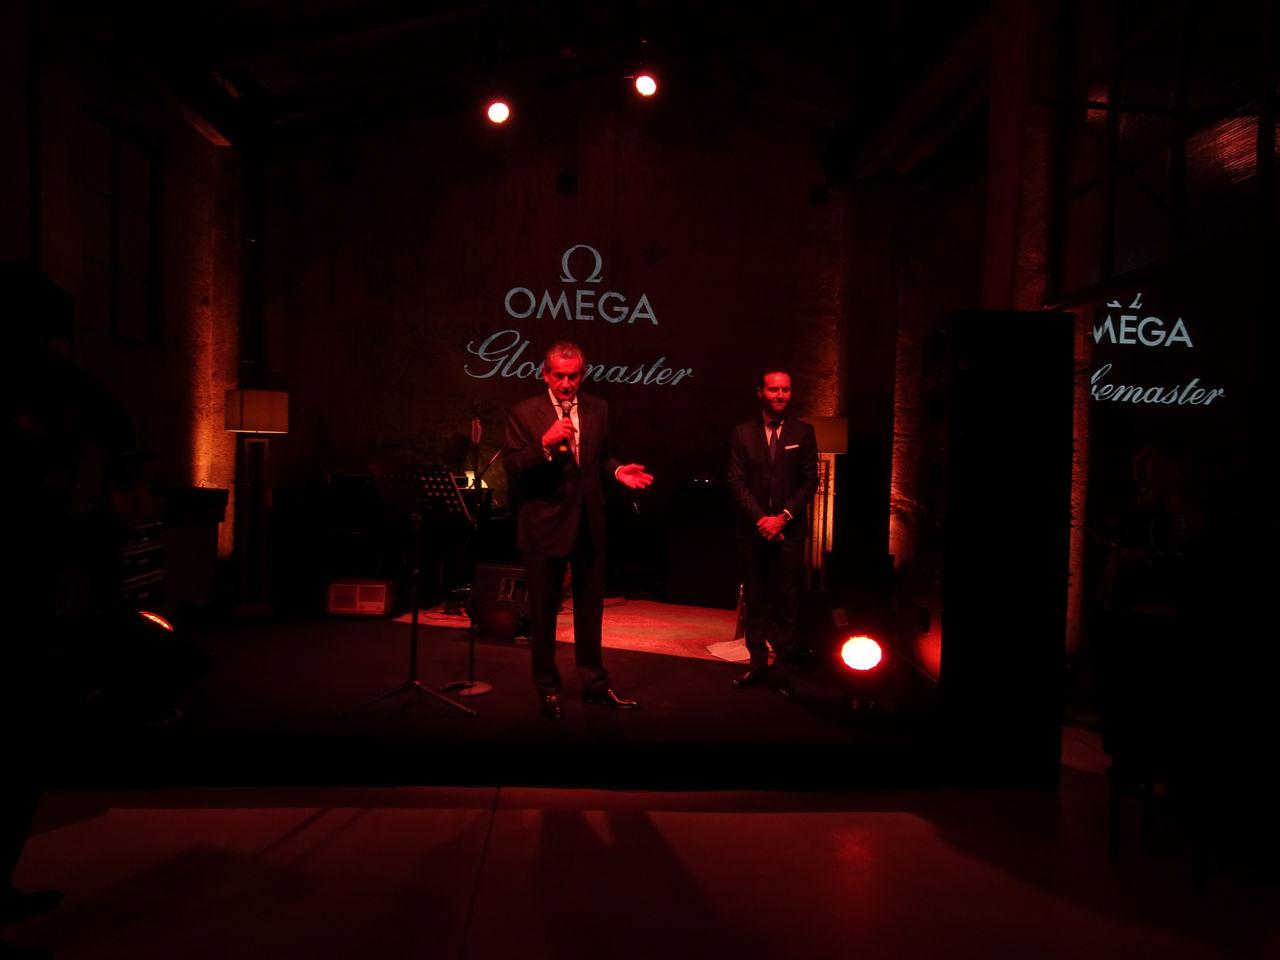 omega-presenta-la-collezione-globemaster-cracco-nina-zilli-milano-metas_0-1001